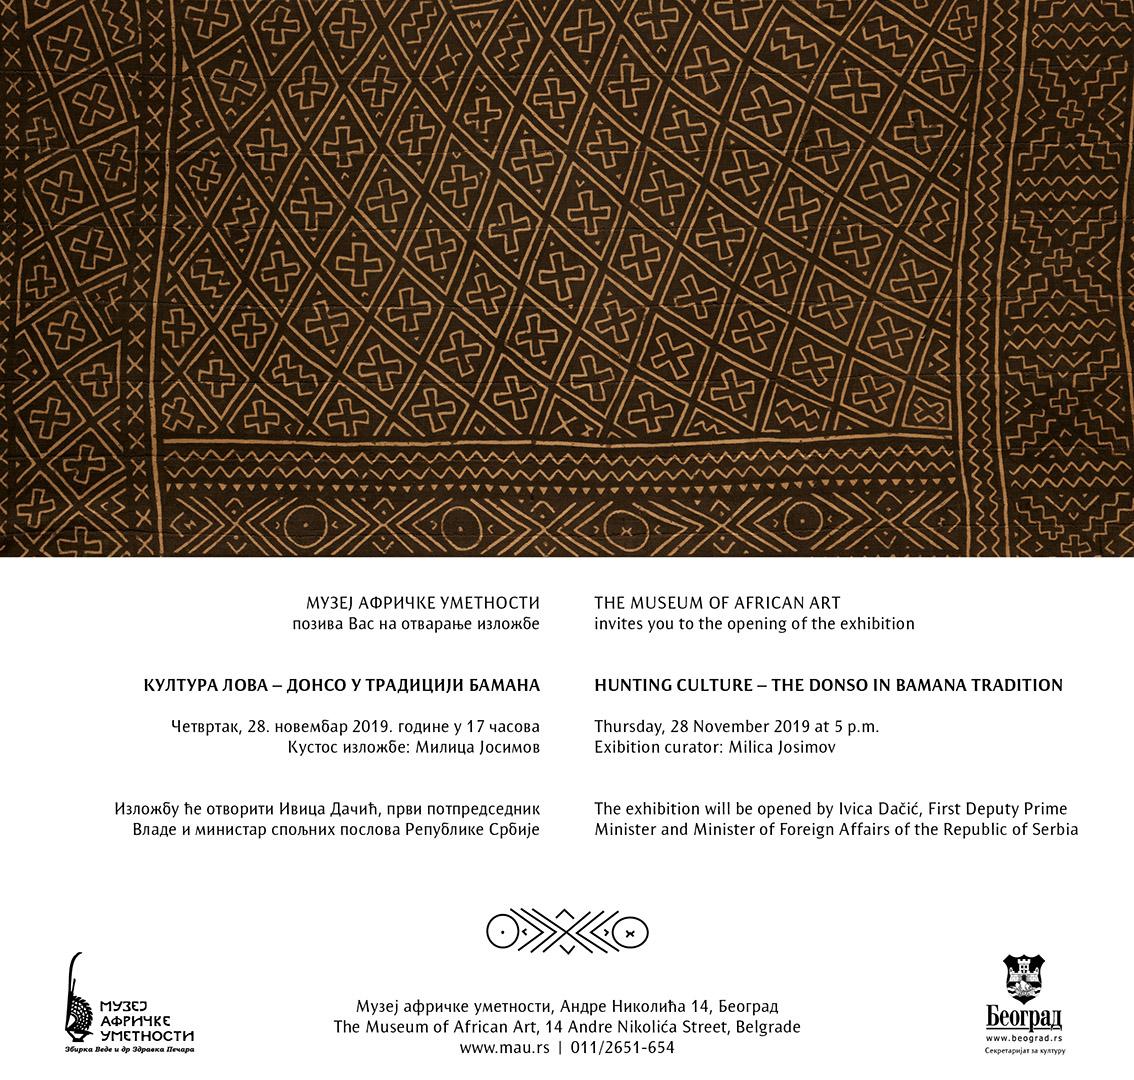 Kultura lova – Donso u tradiciji Bamana